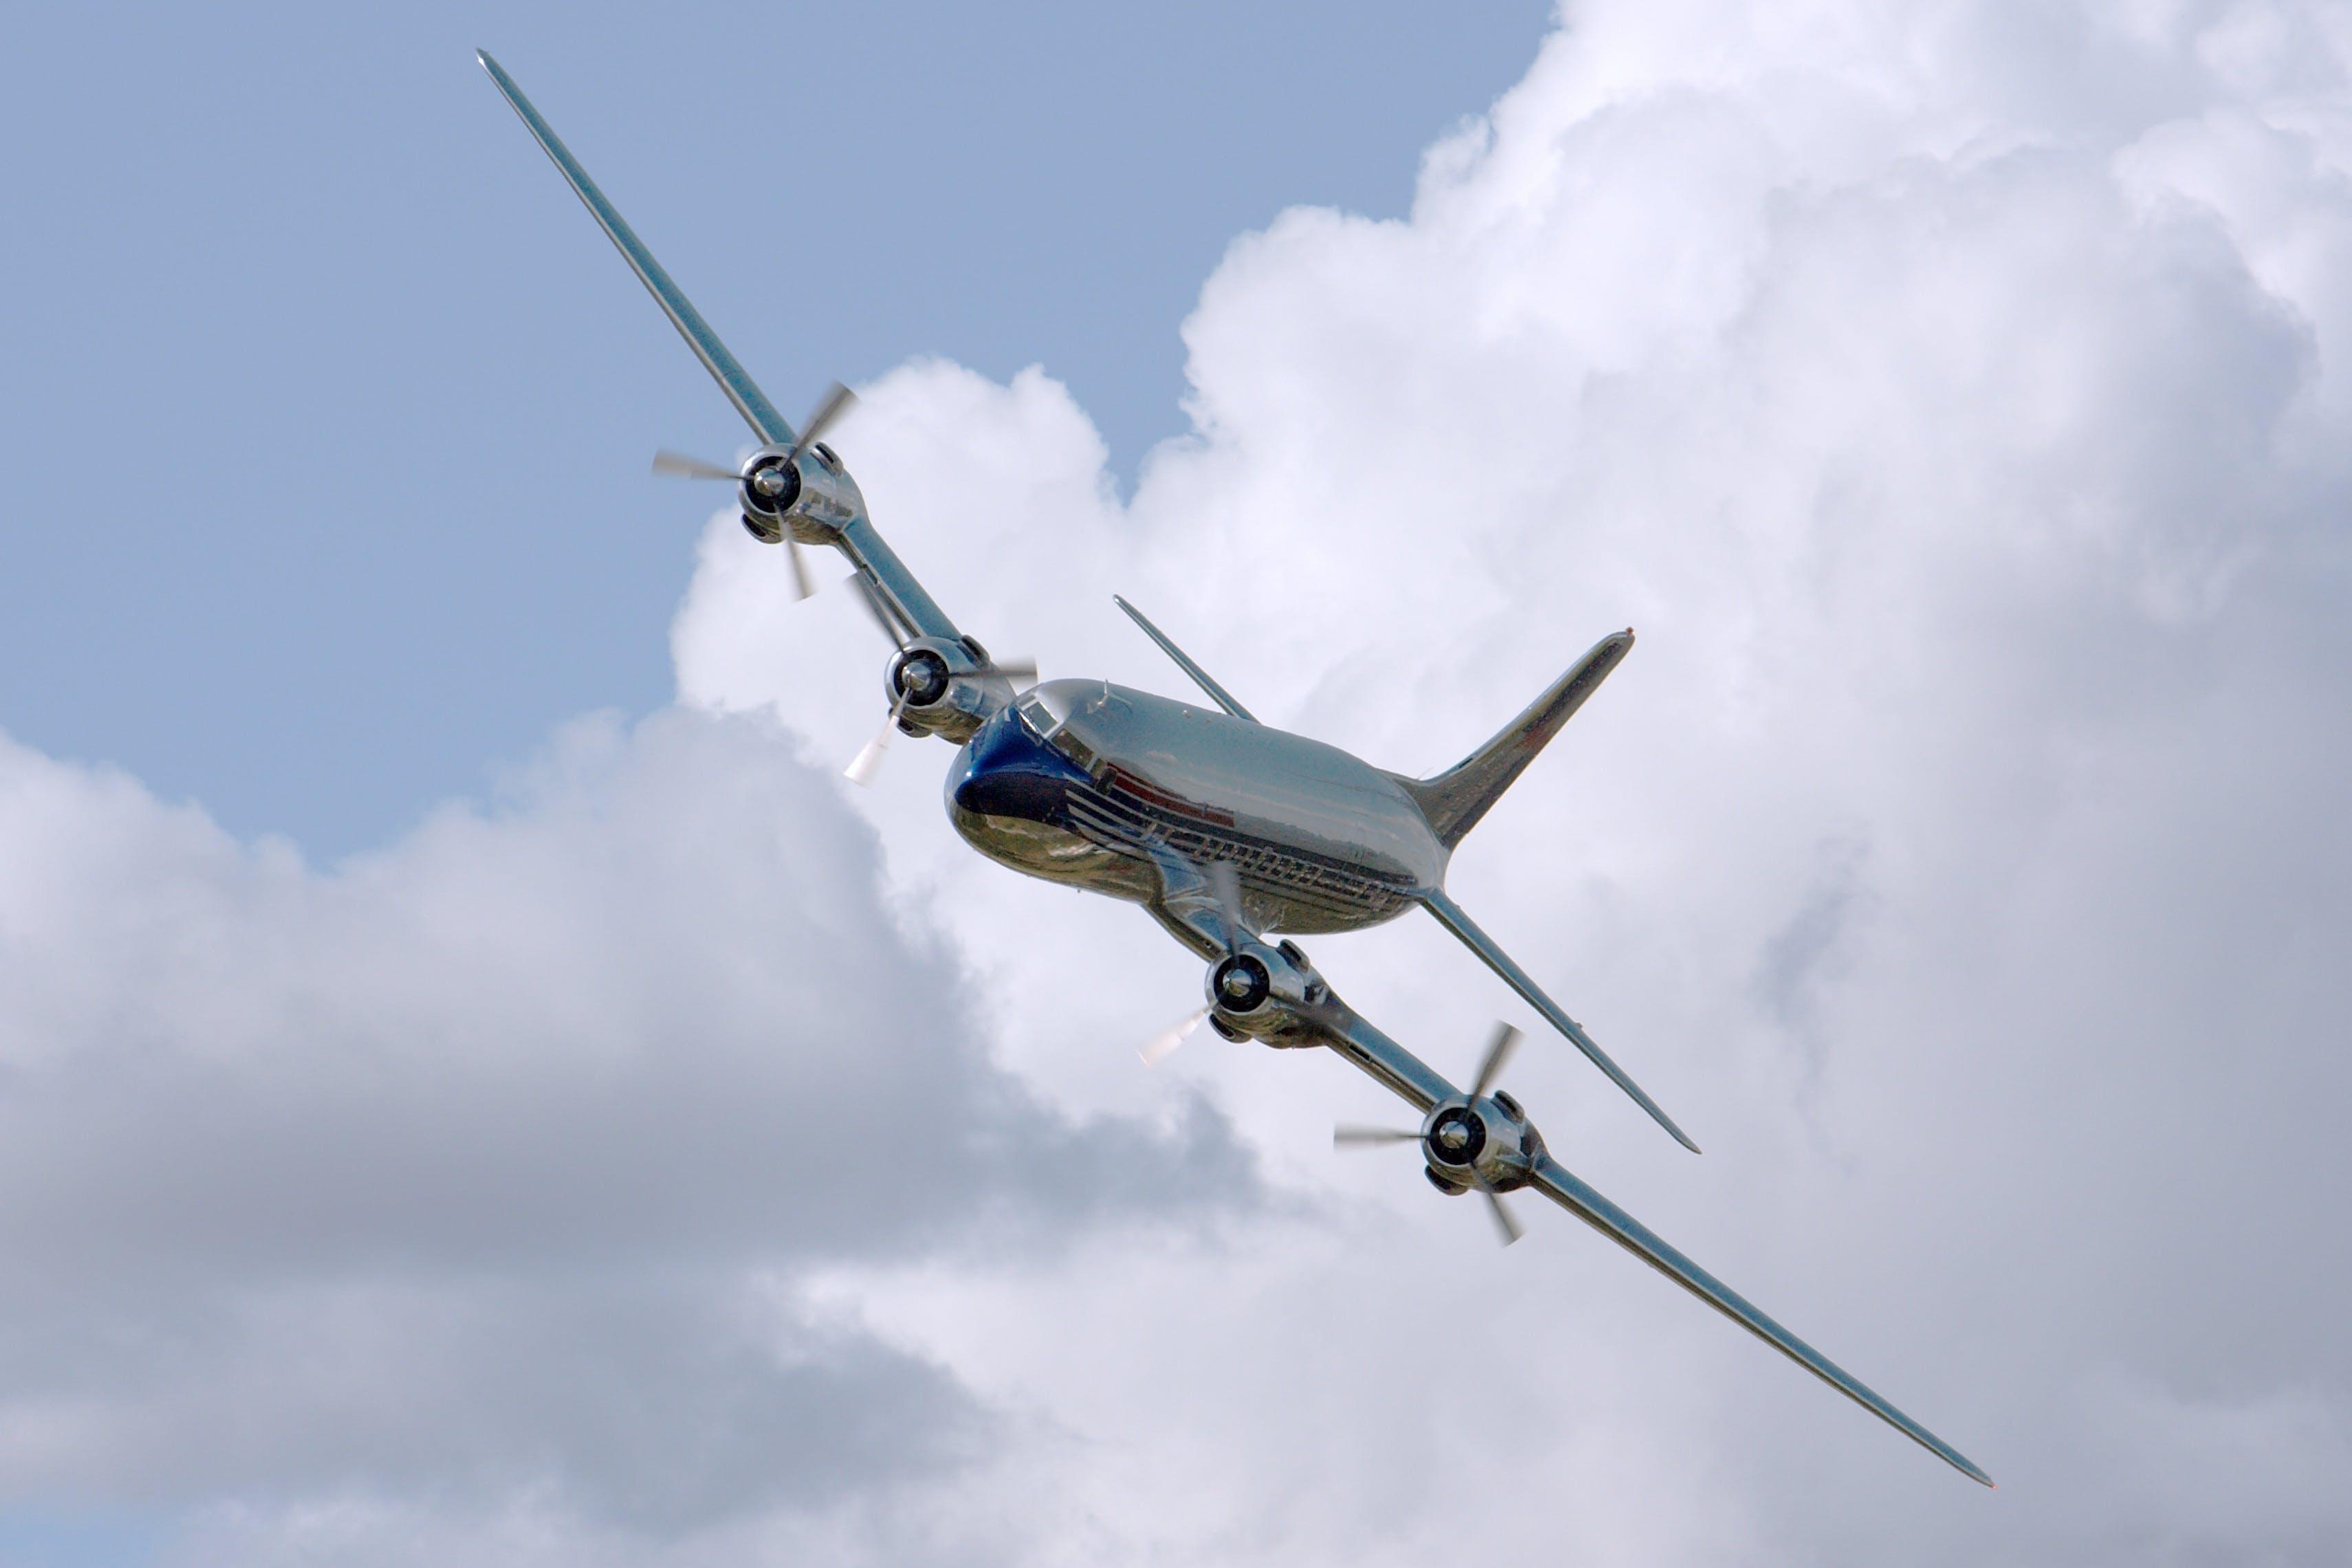 Gratis stockfoto met hemel, luchtvaart, propellers, vliegtuig